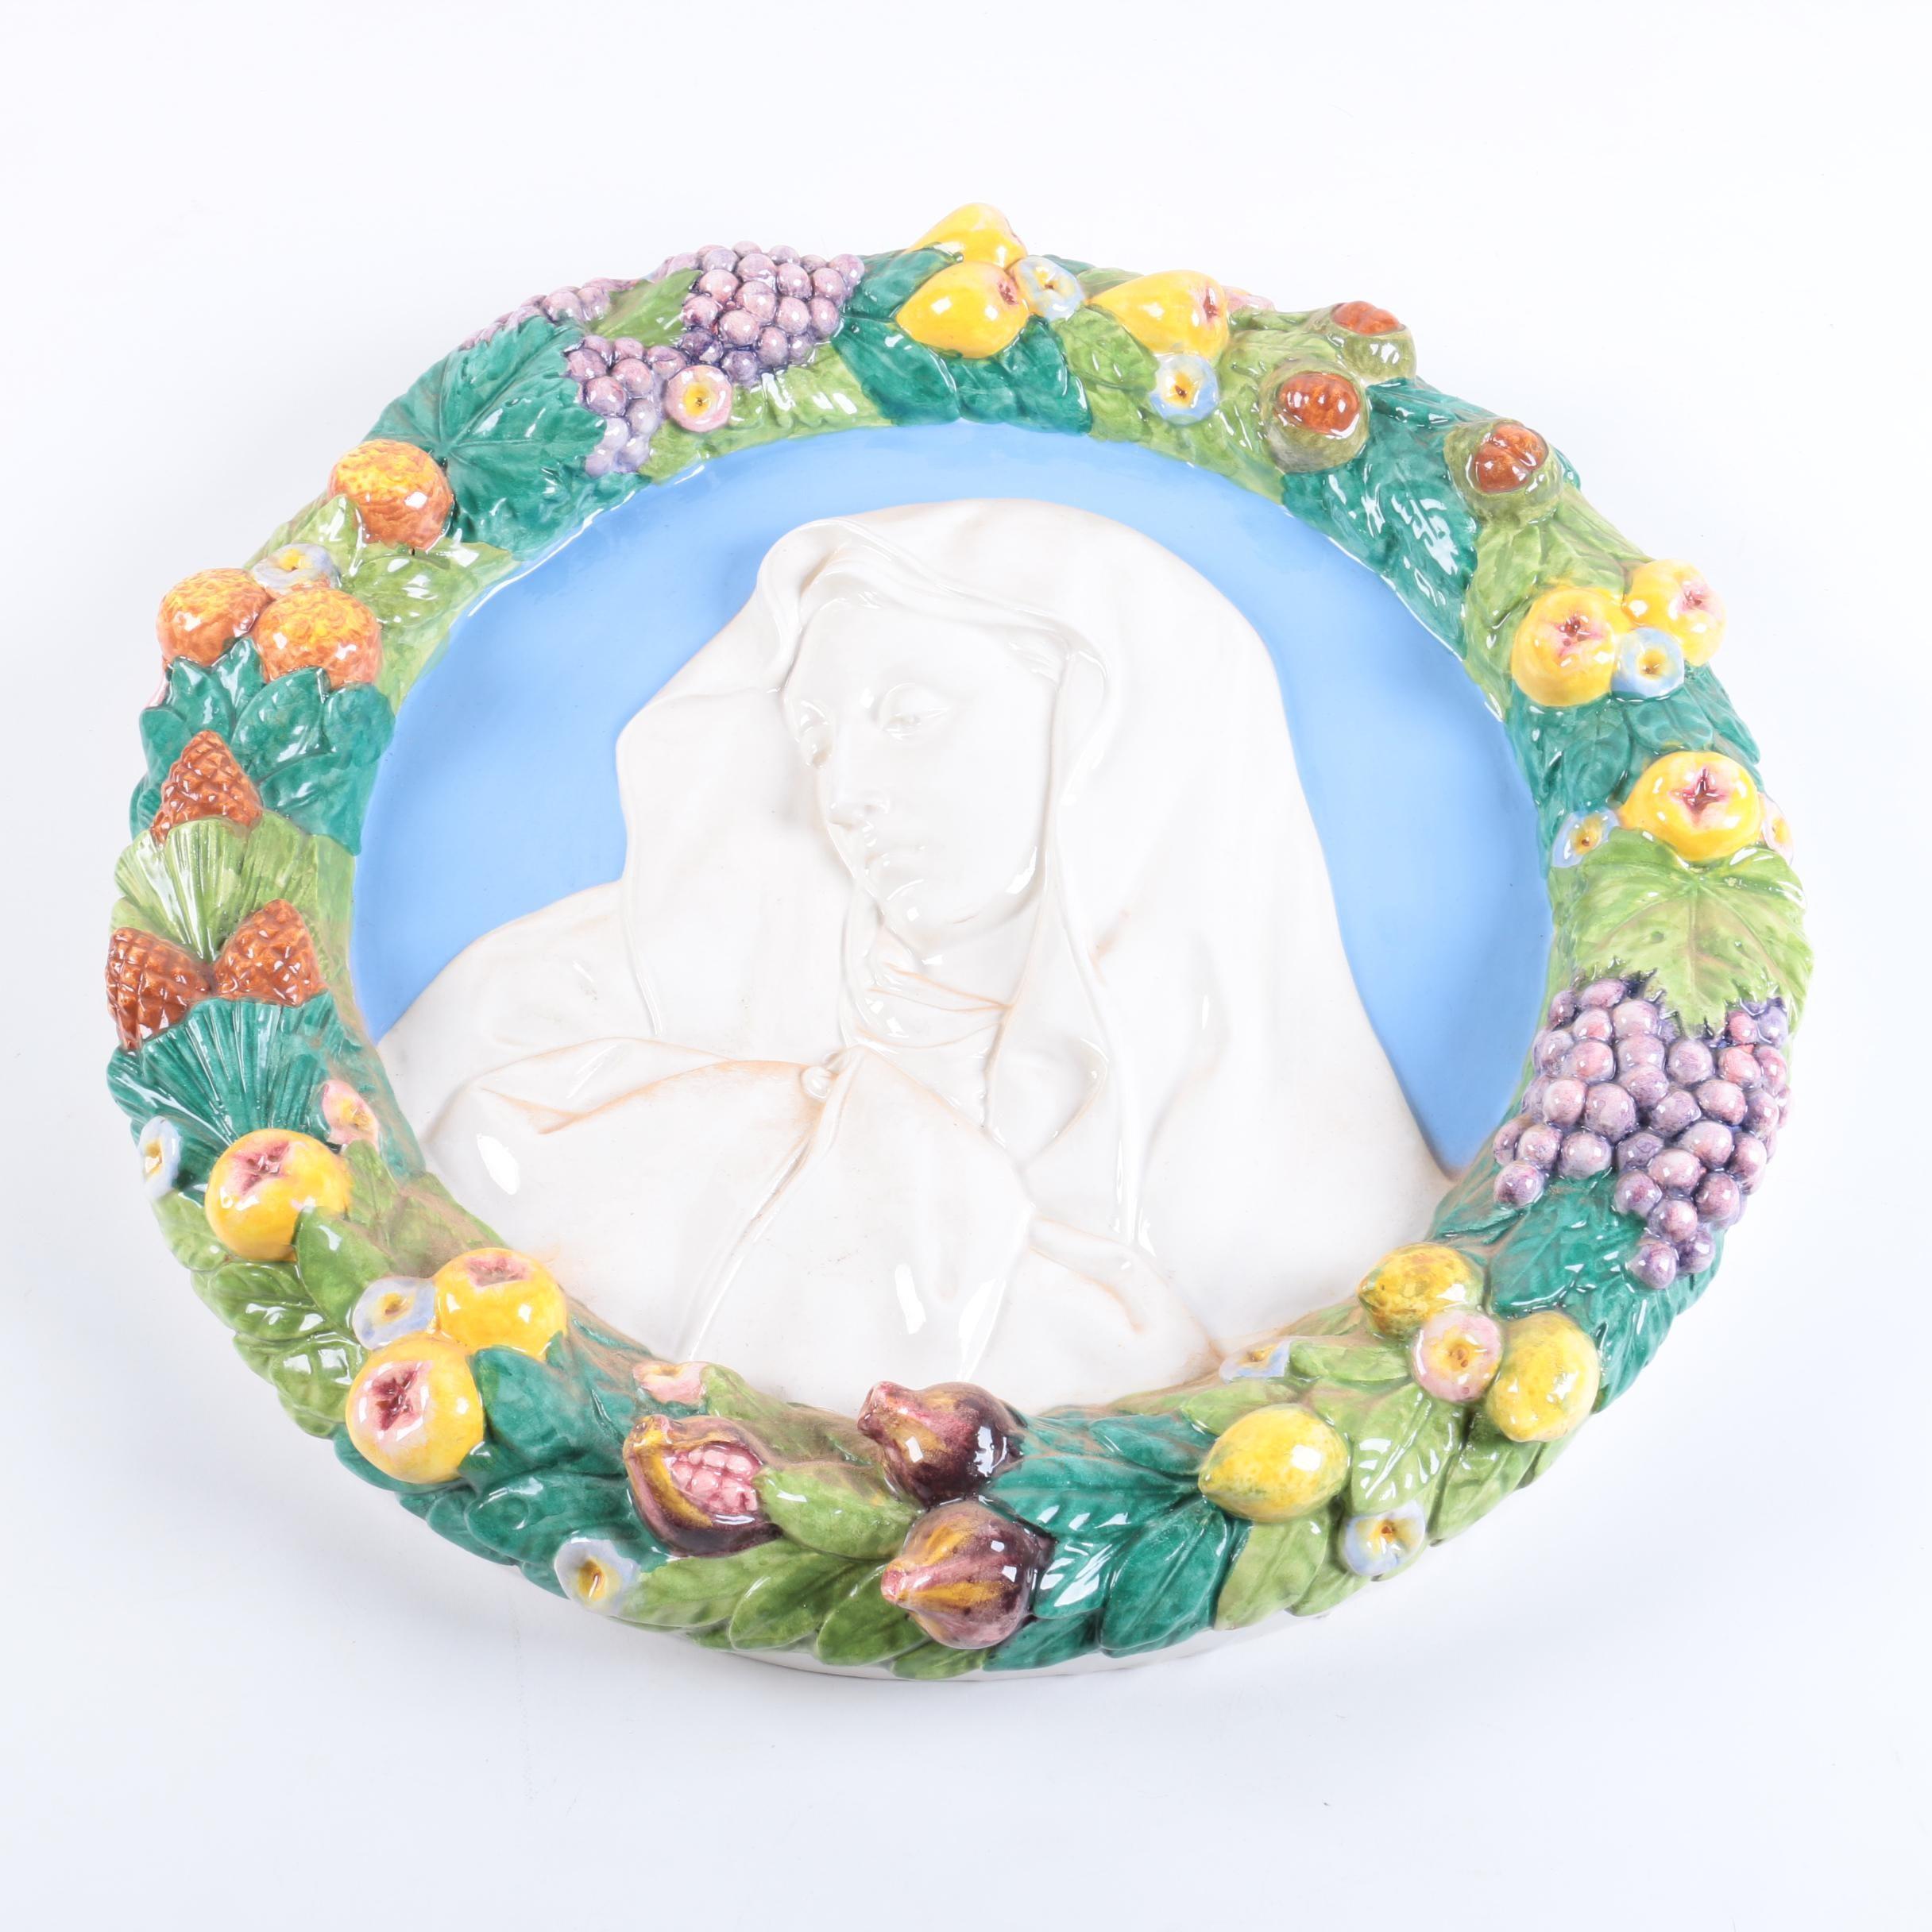 Conti Majolica Madonna & Child Plaque in the Style of Della Robbia